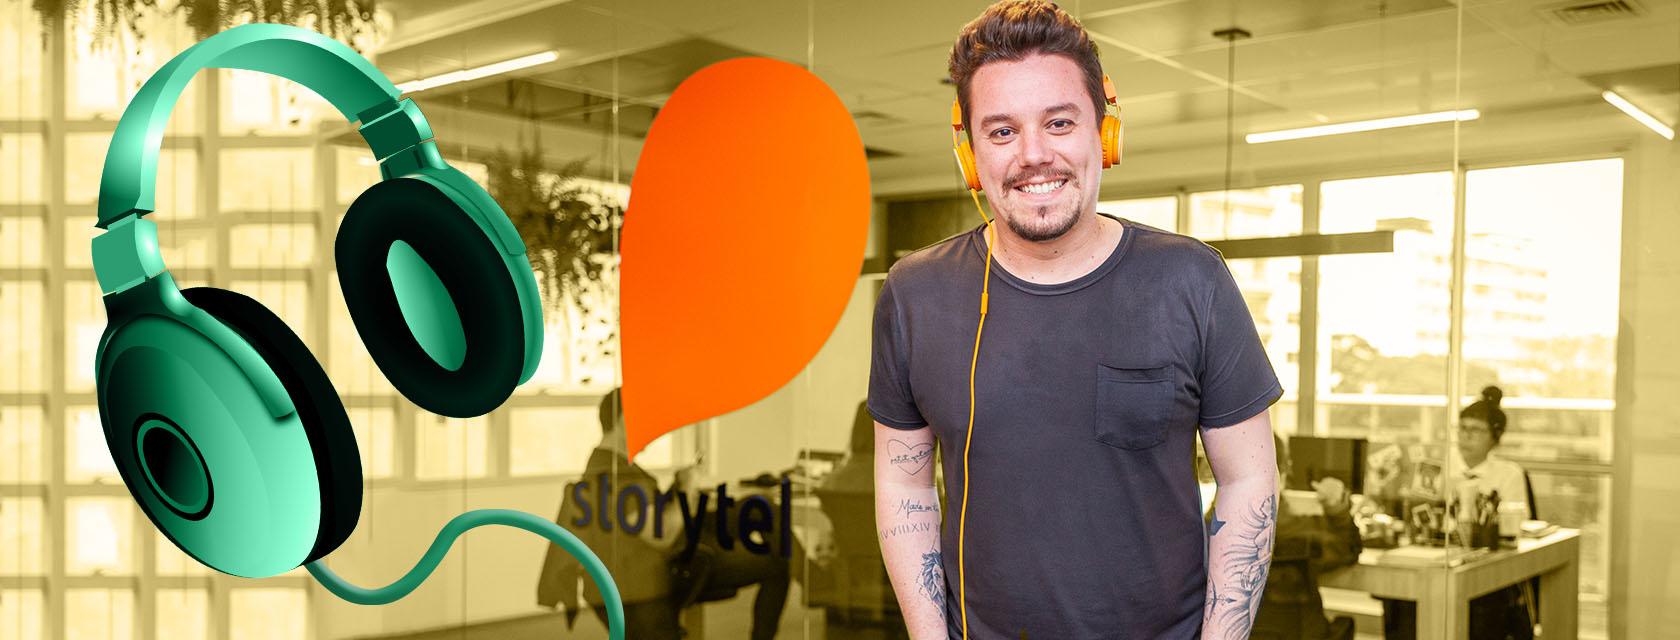 AUDIOLIVROS: Dona de um acervo de 300 mil títulos, sueca Storytel chega ao Brasil